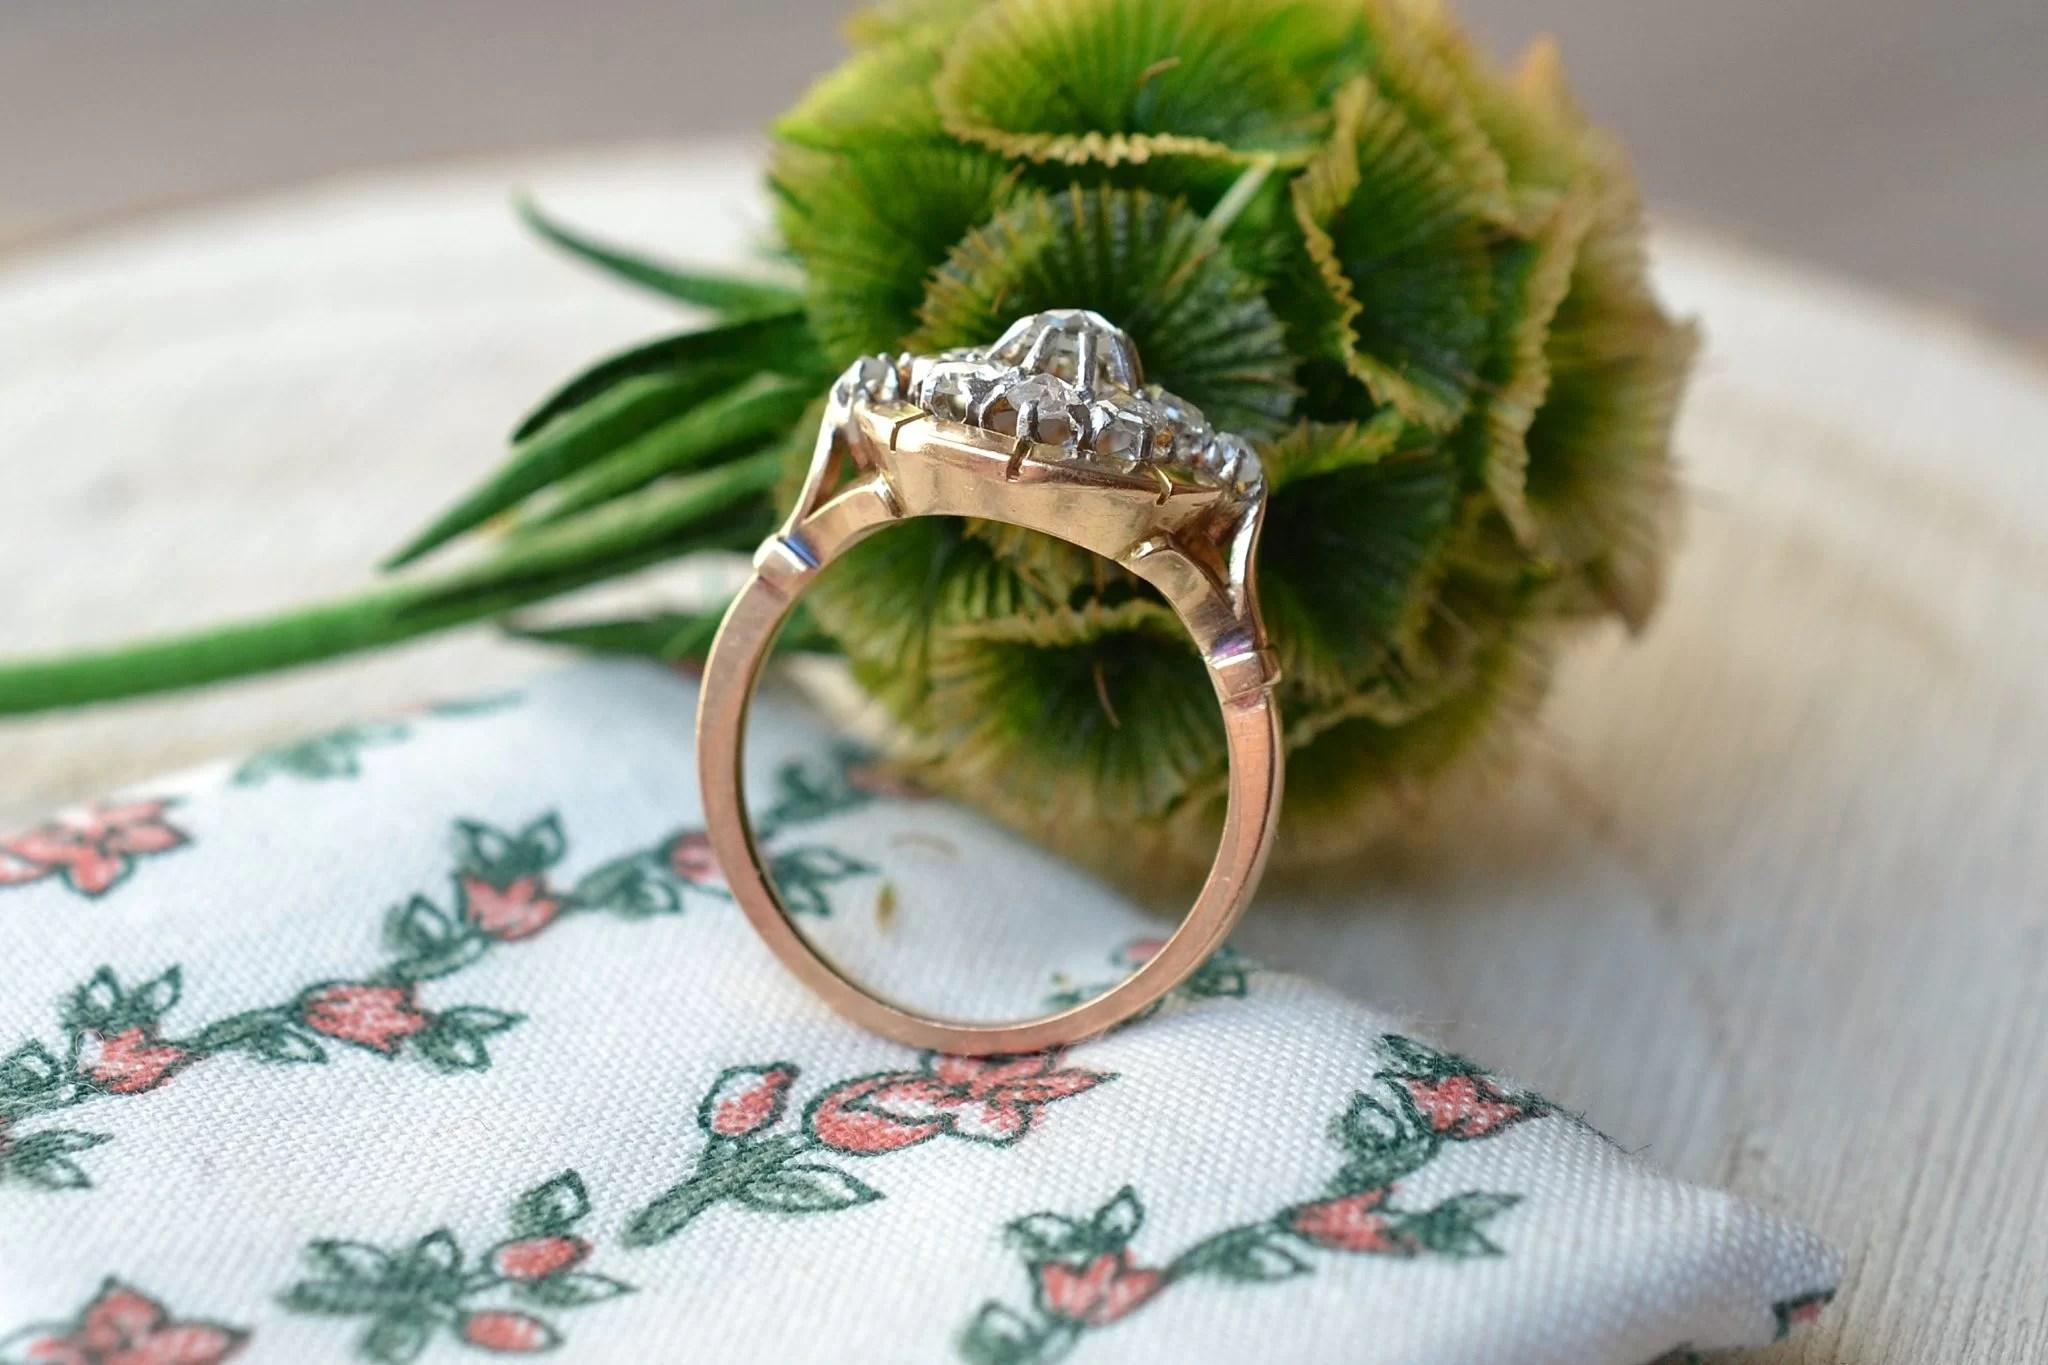 Bague en Or jaune enrichie de diamants - bague de seconde main